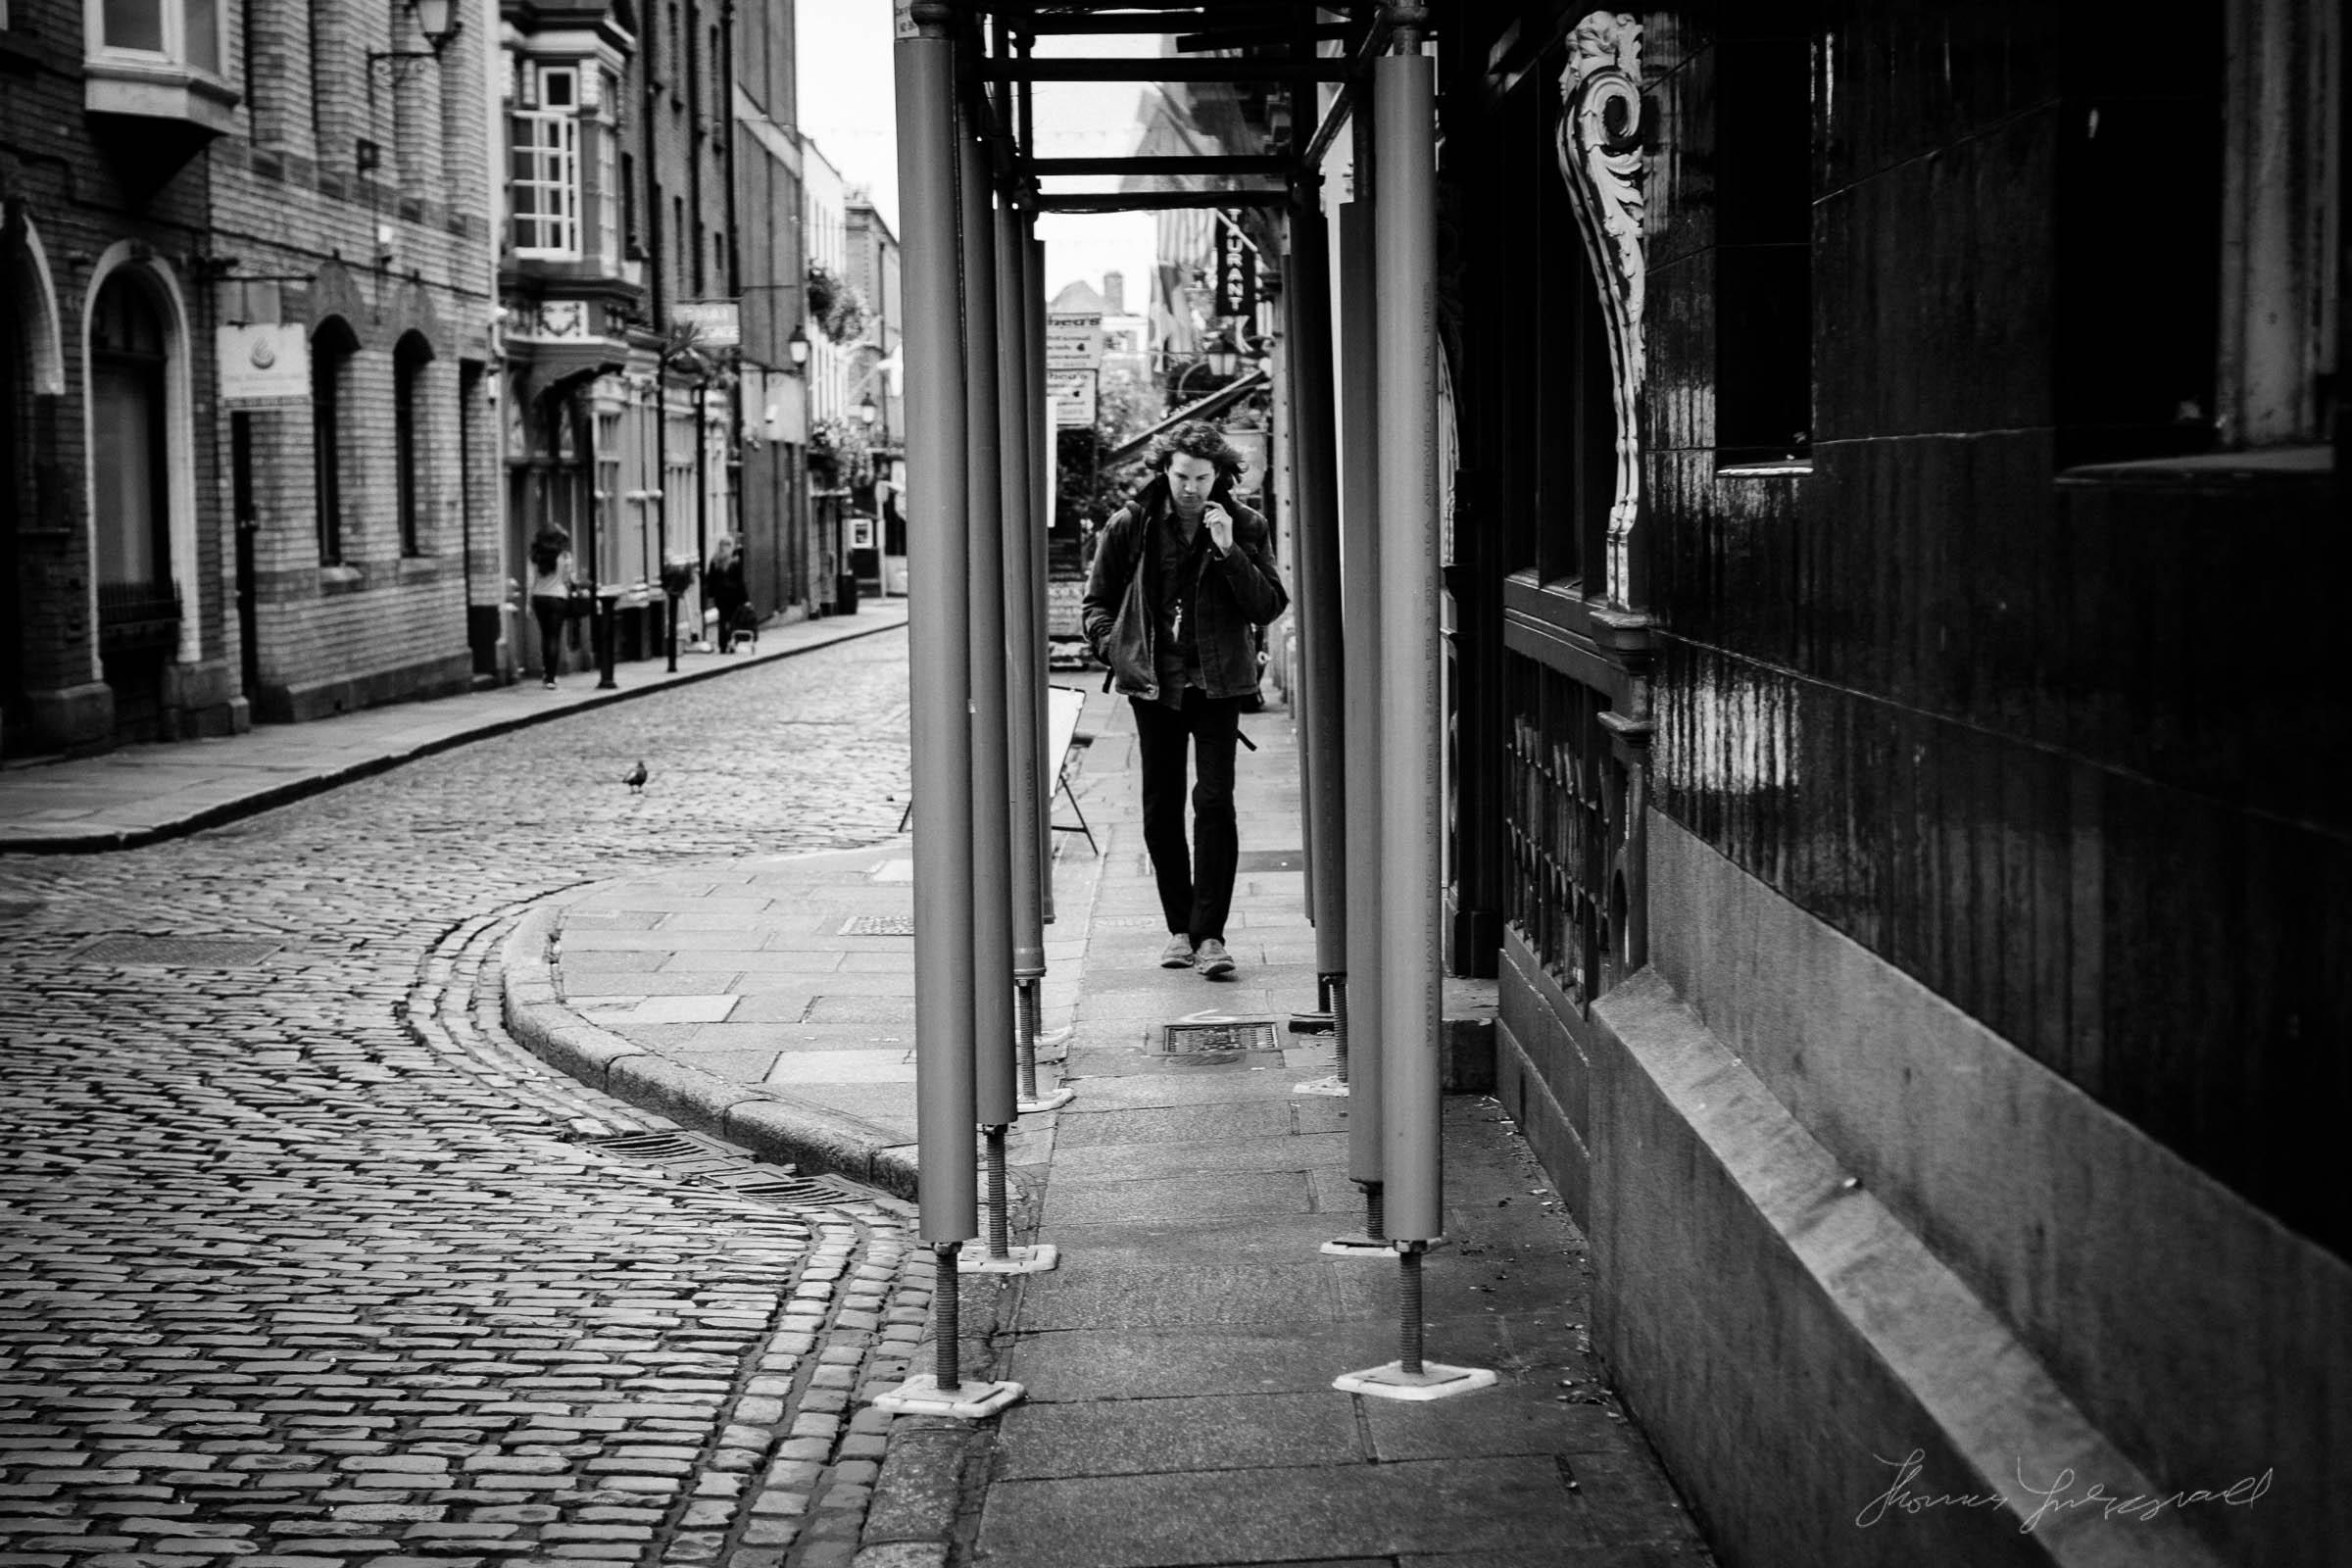 Street-Photo-Diary-No-6-BW-Dublin-20.jpg